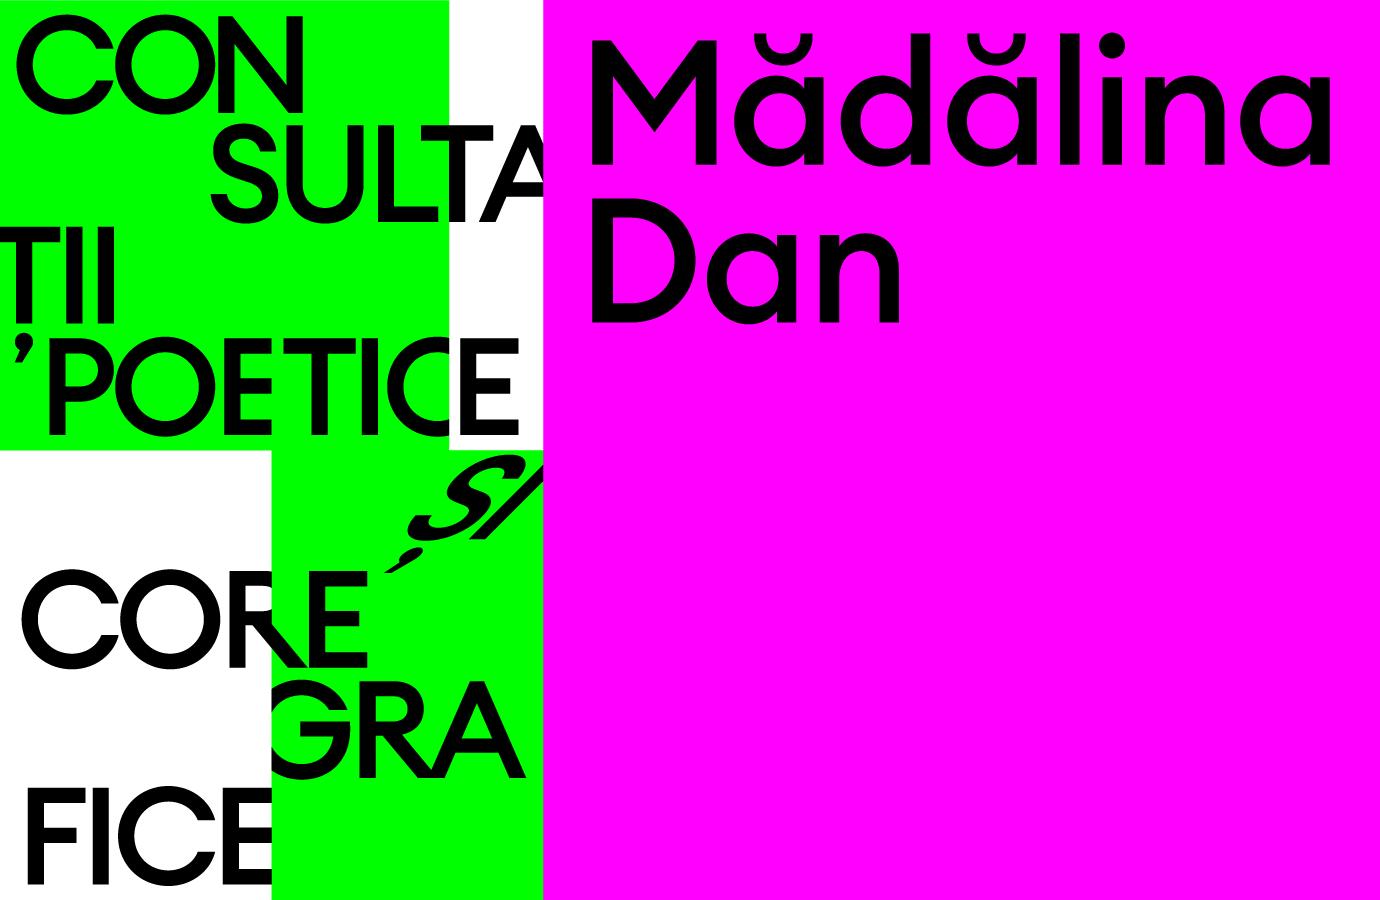 Consultatii poetice și coregrafice cu Mădălina Dan